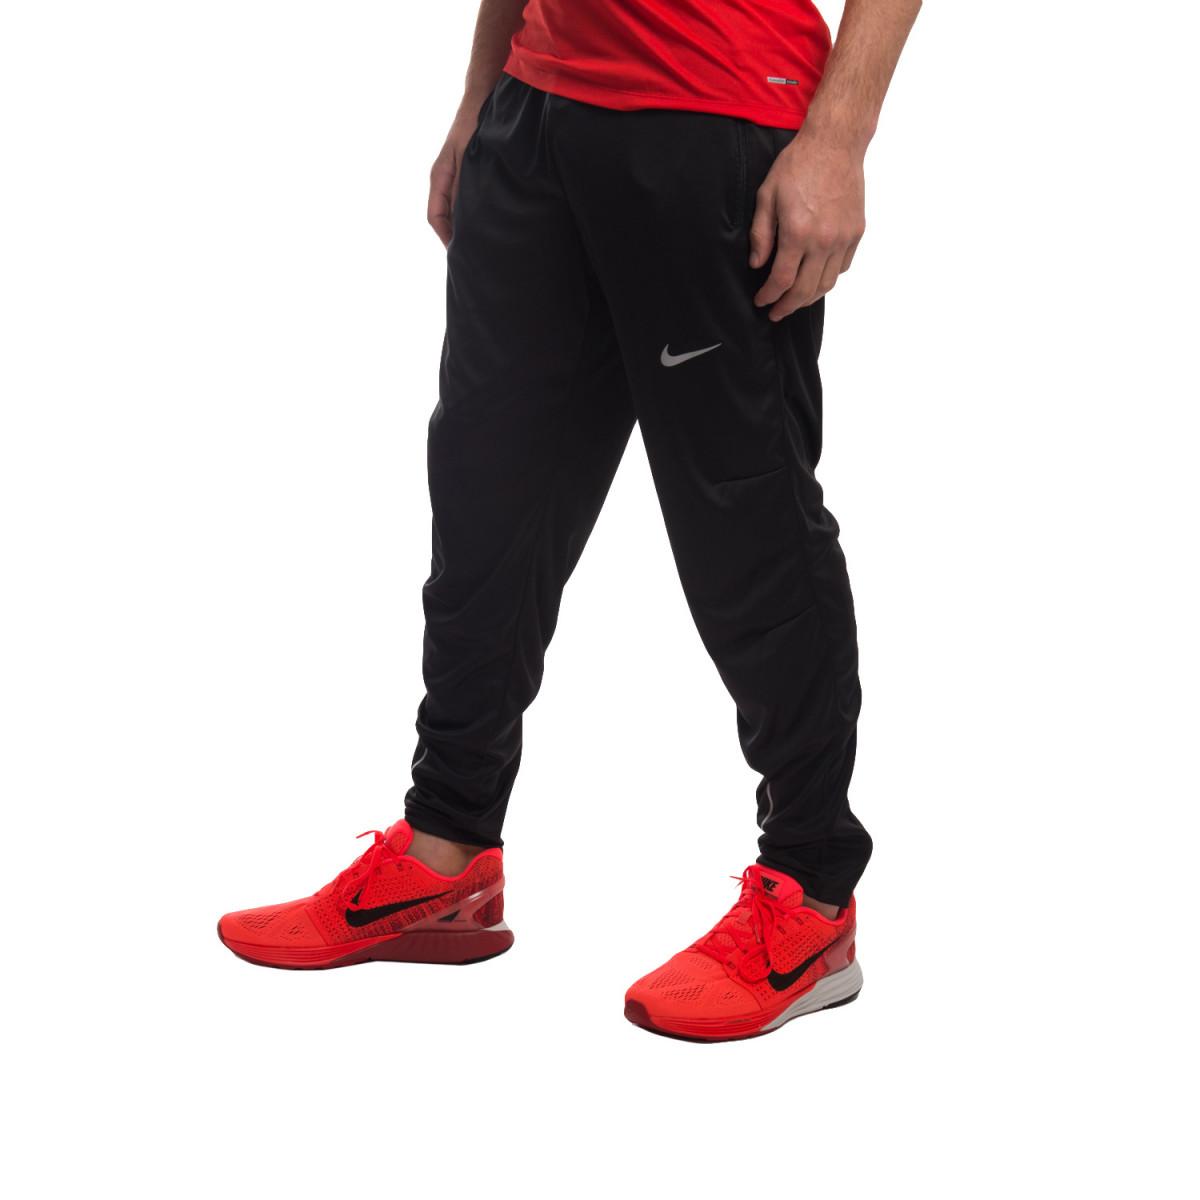 Pantalon Nike Racer Knit Track